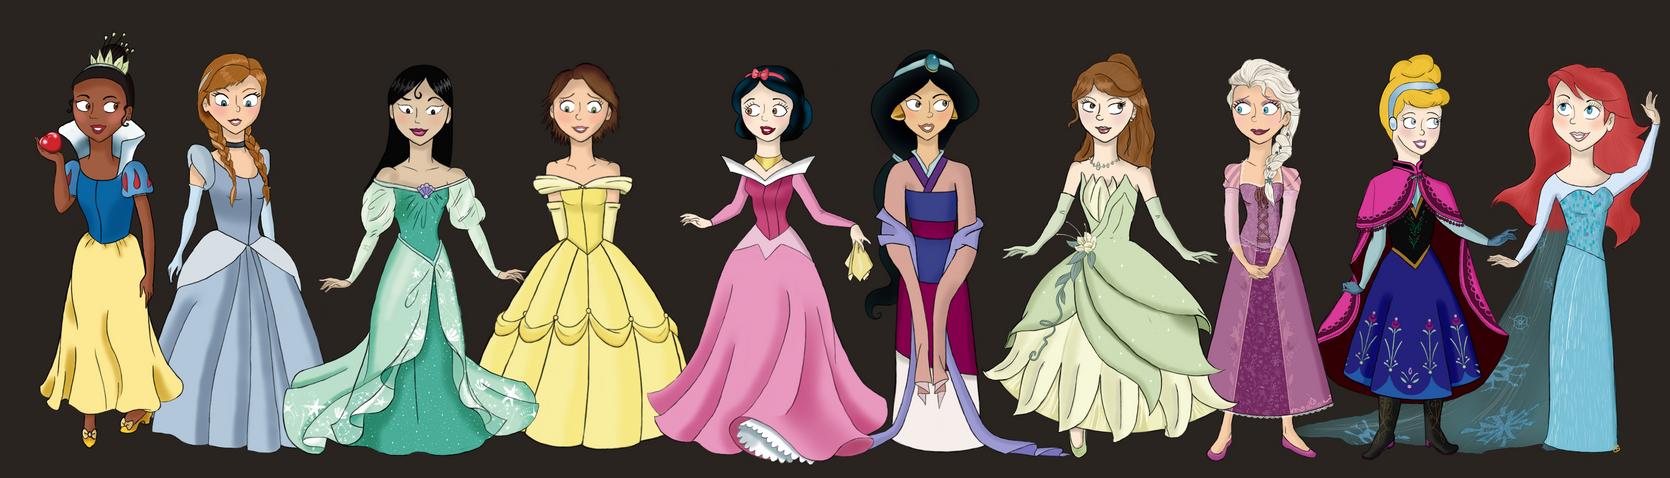 Диснеевские принцессы Википедия 321